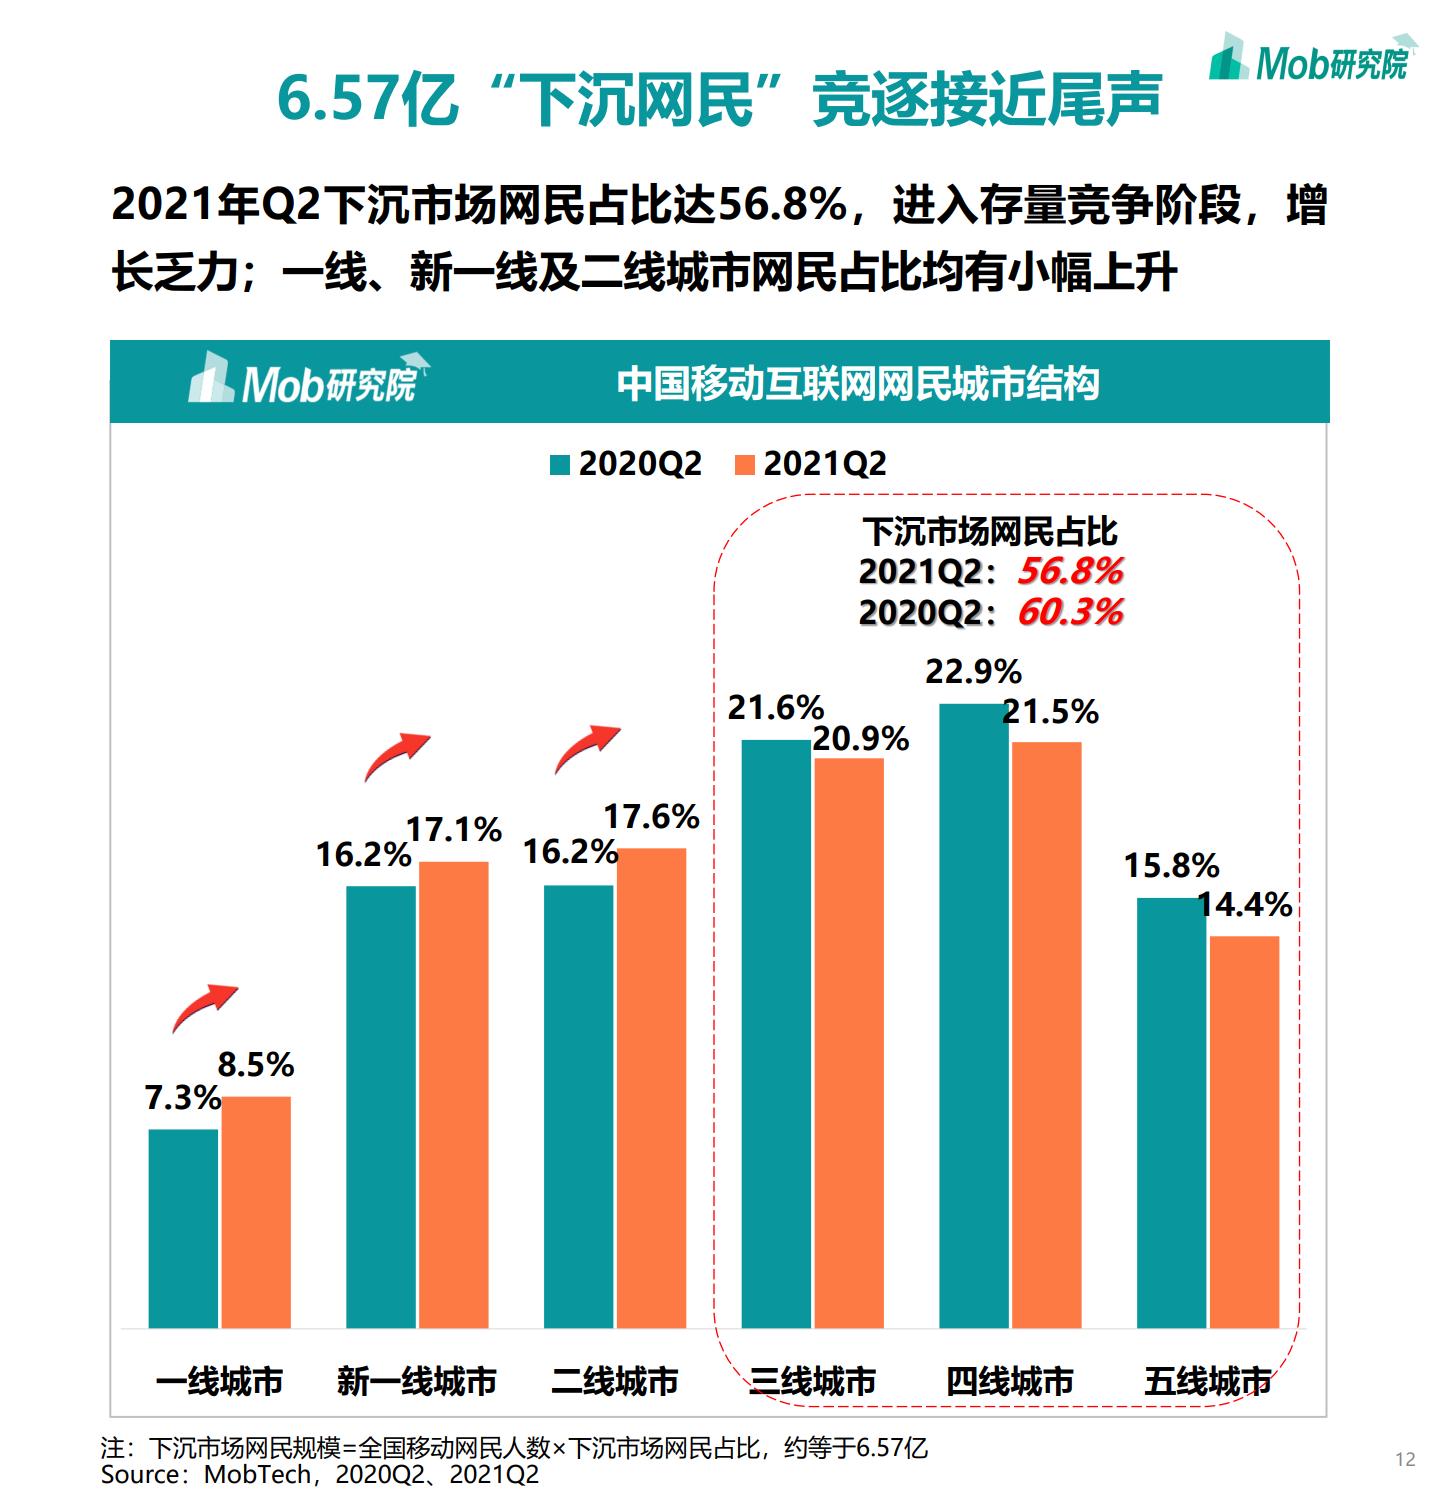 2021年中国移动互联网半年度大报告插图11